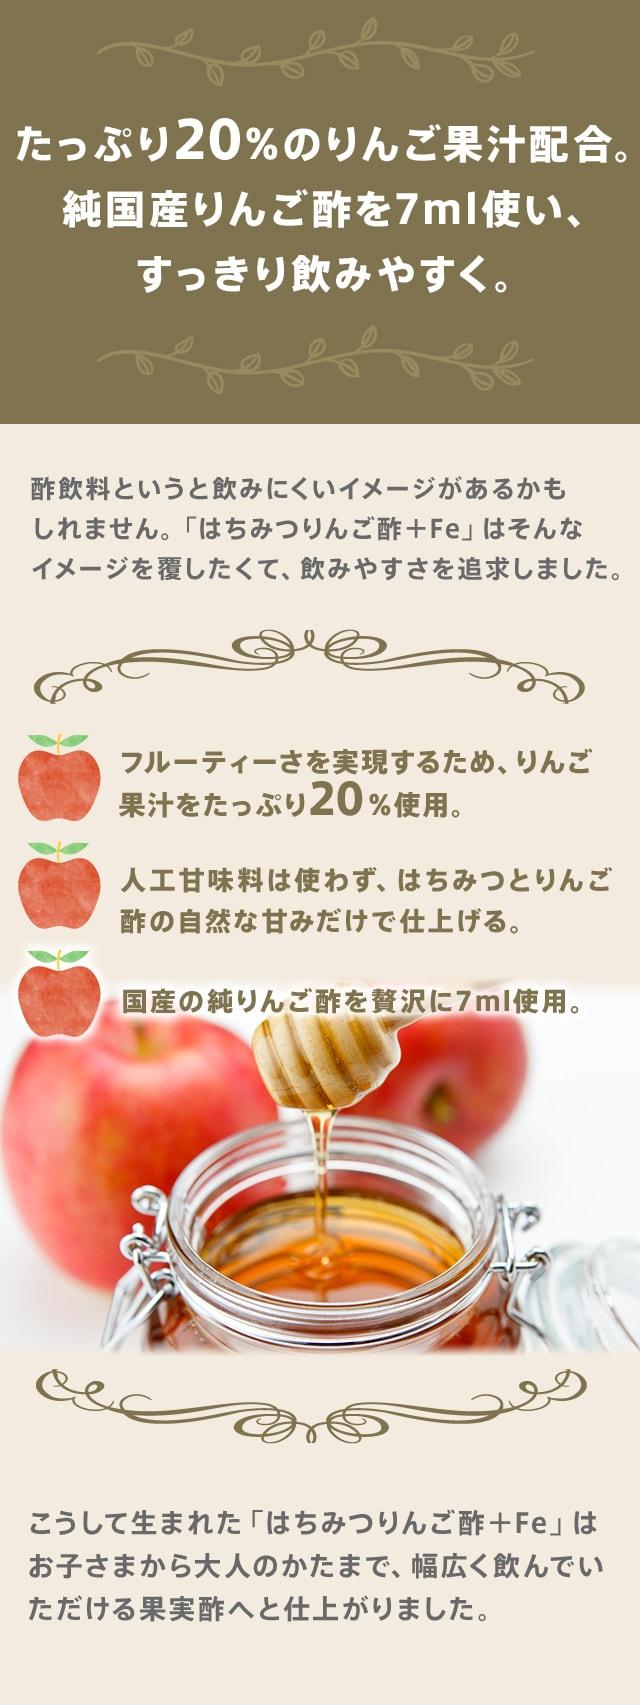 妊婦 リンゴ 酢